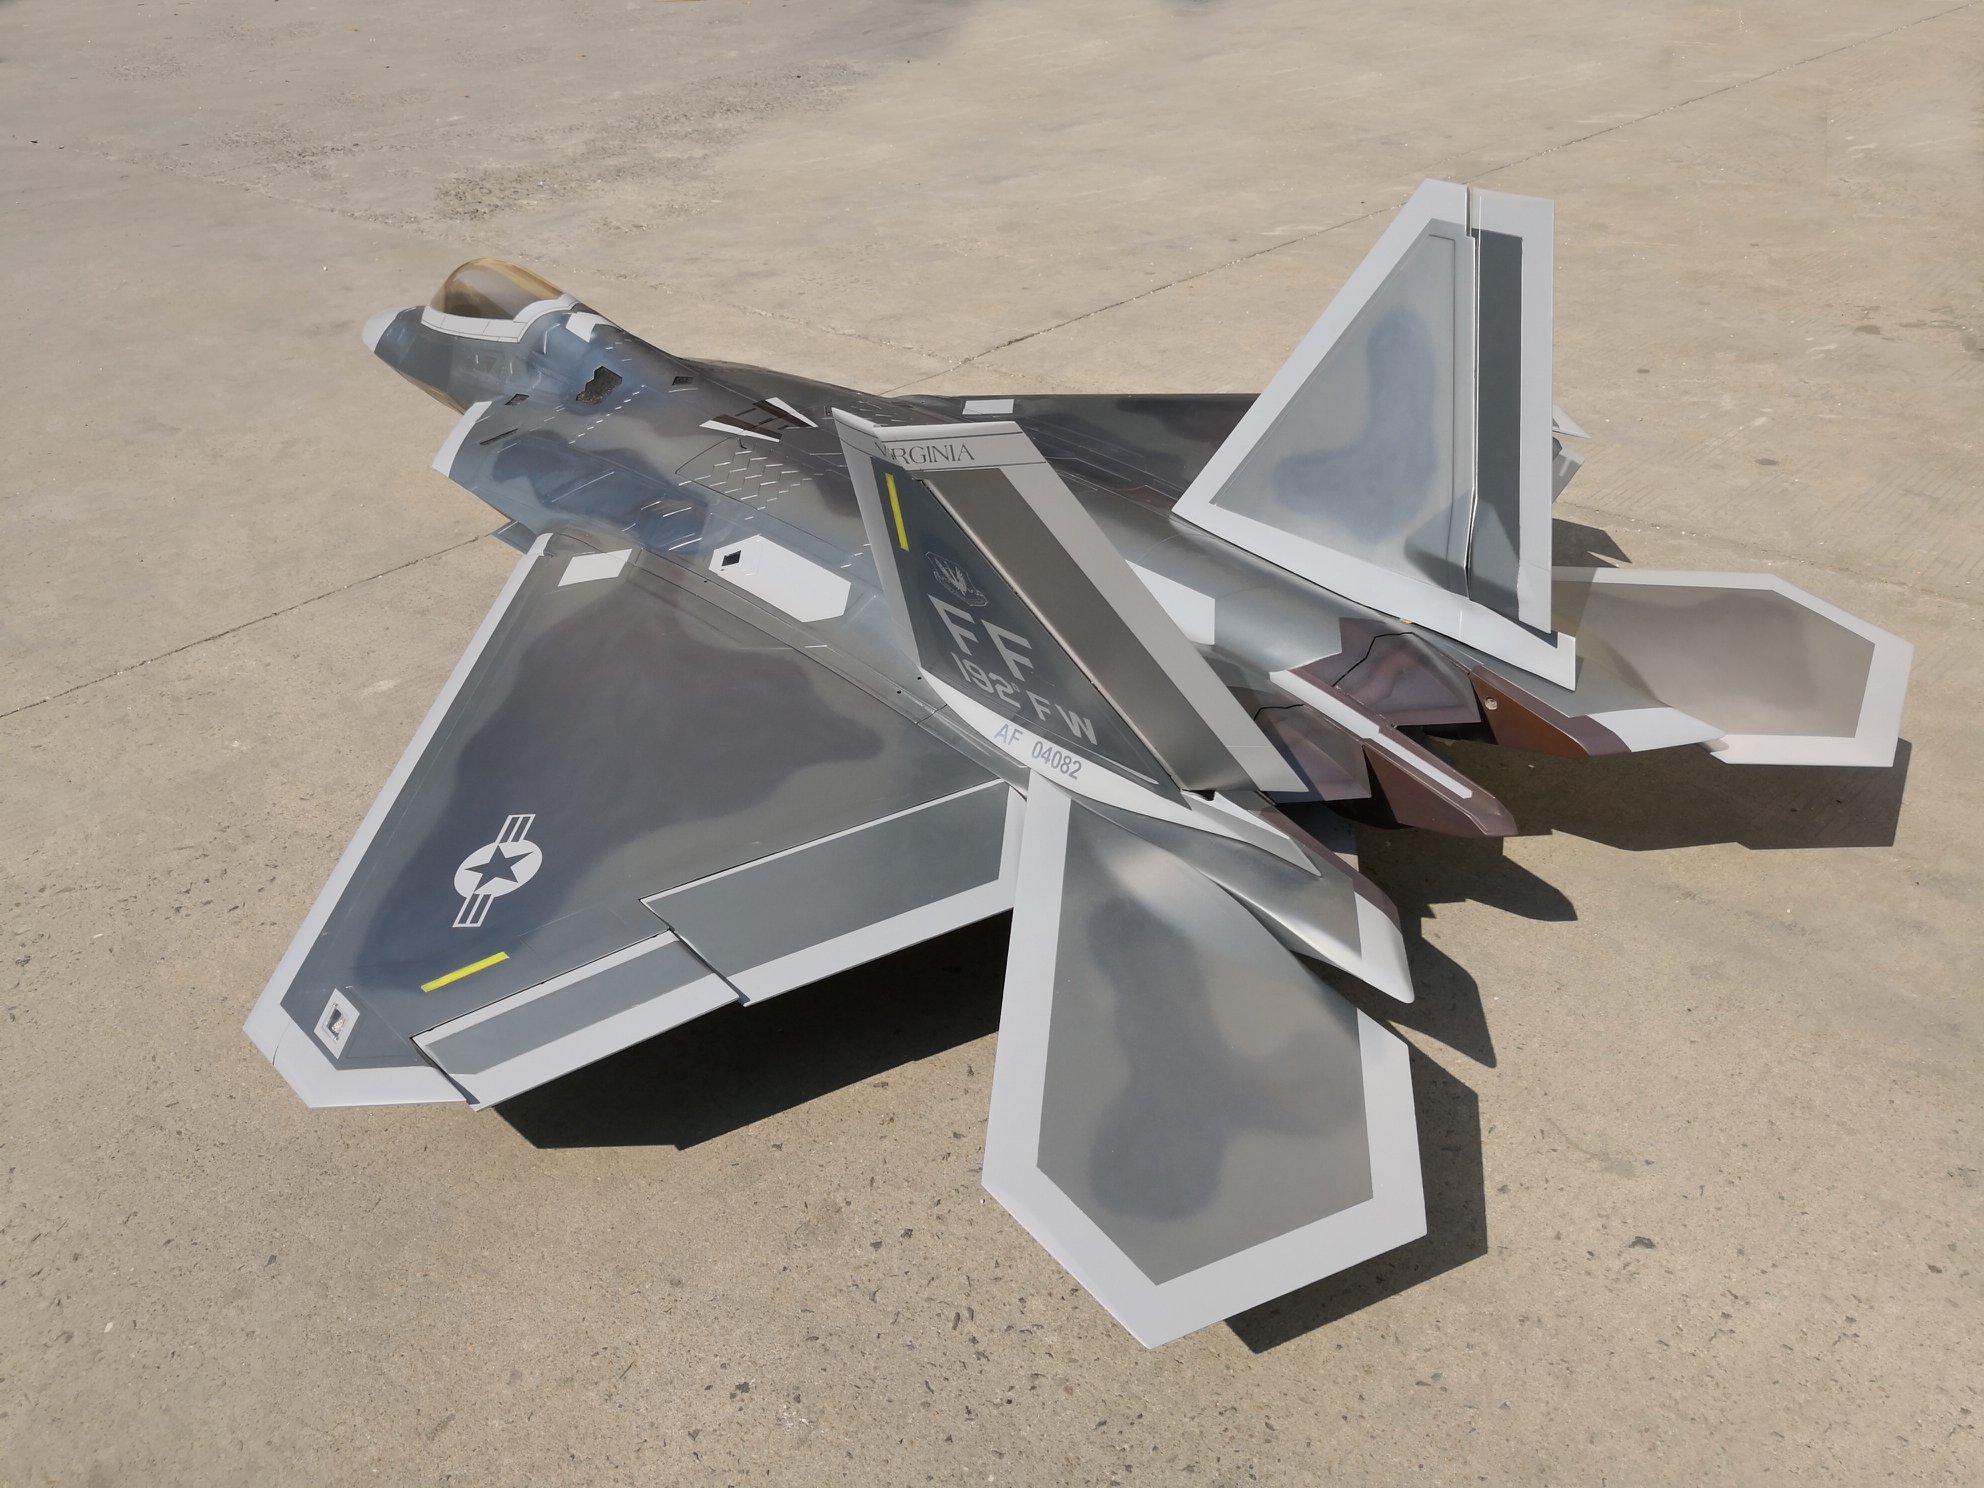 F-22 Raptor 1/7th Scale Jet